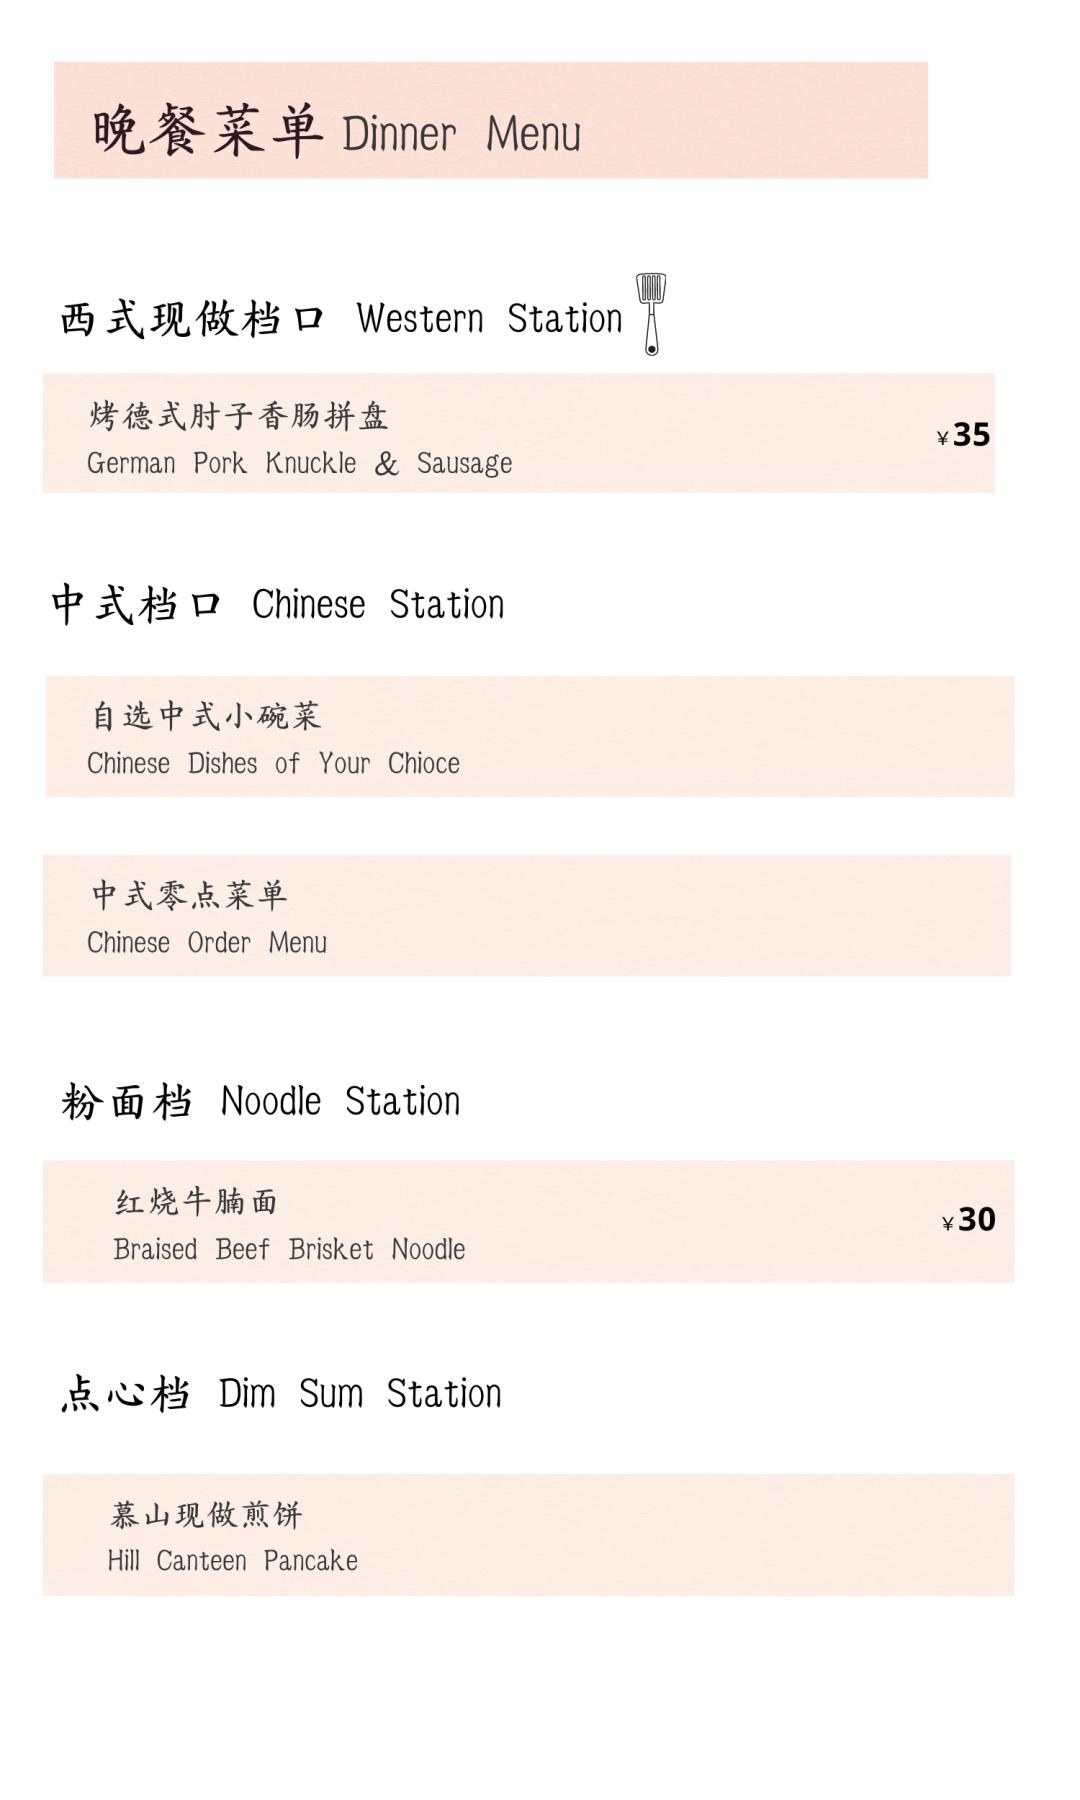 深国交的师生在冬天不出门便可以品尝到经典的节日美食啦  深国交 深圳国际交流学院 学在国交 第8张